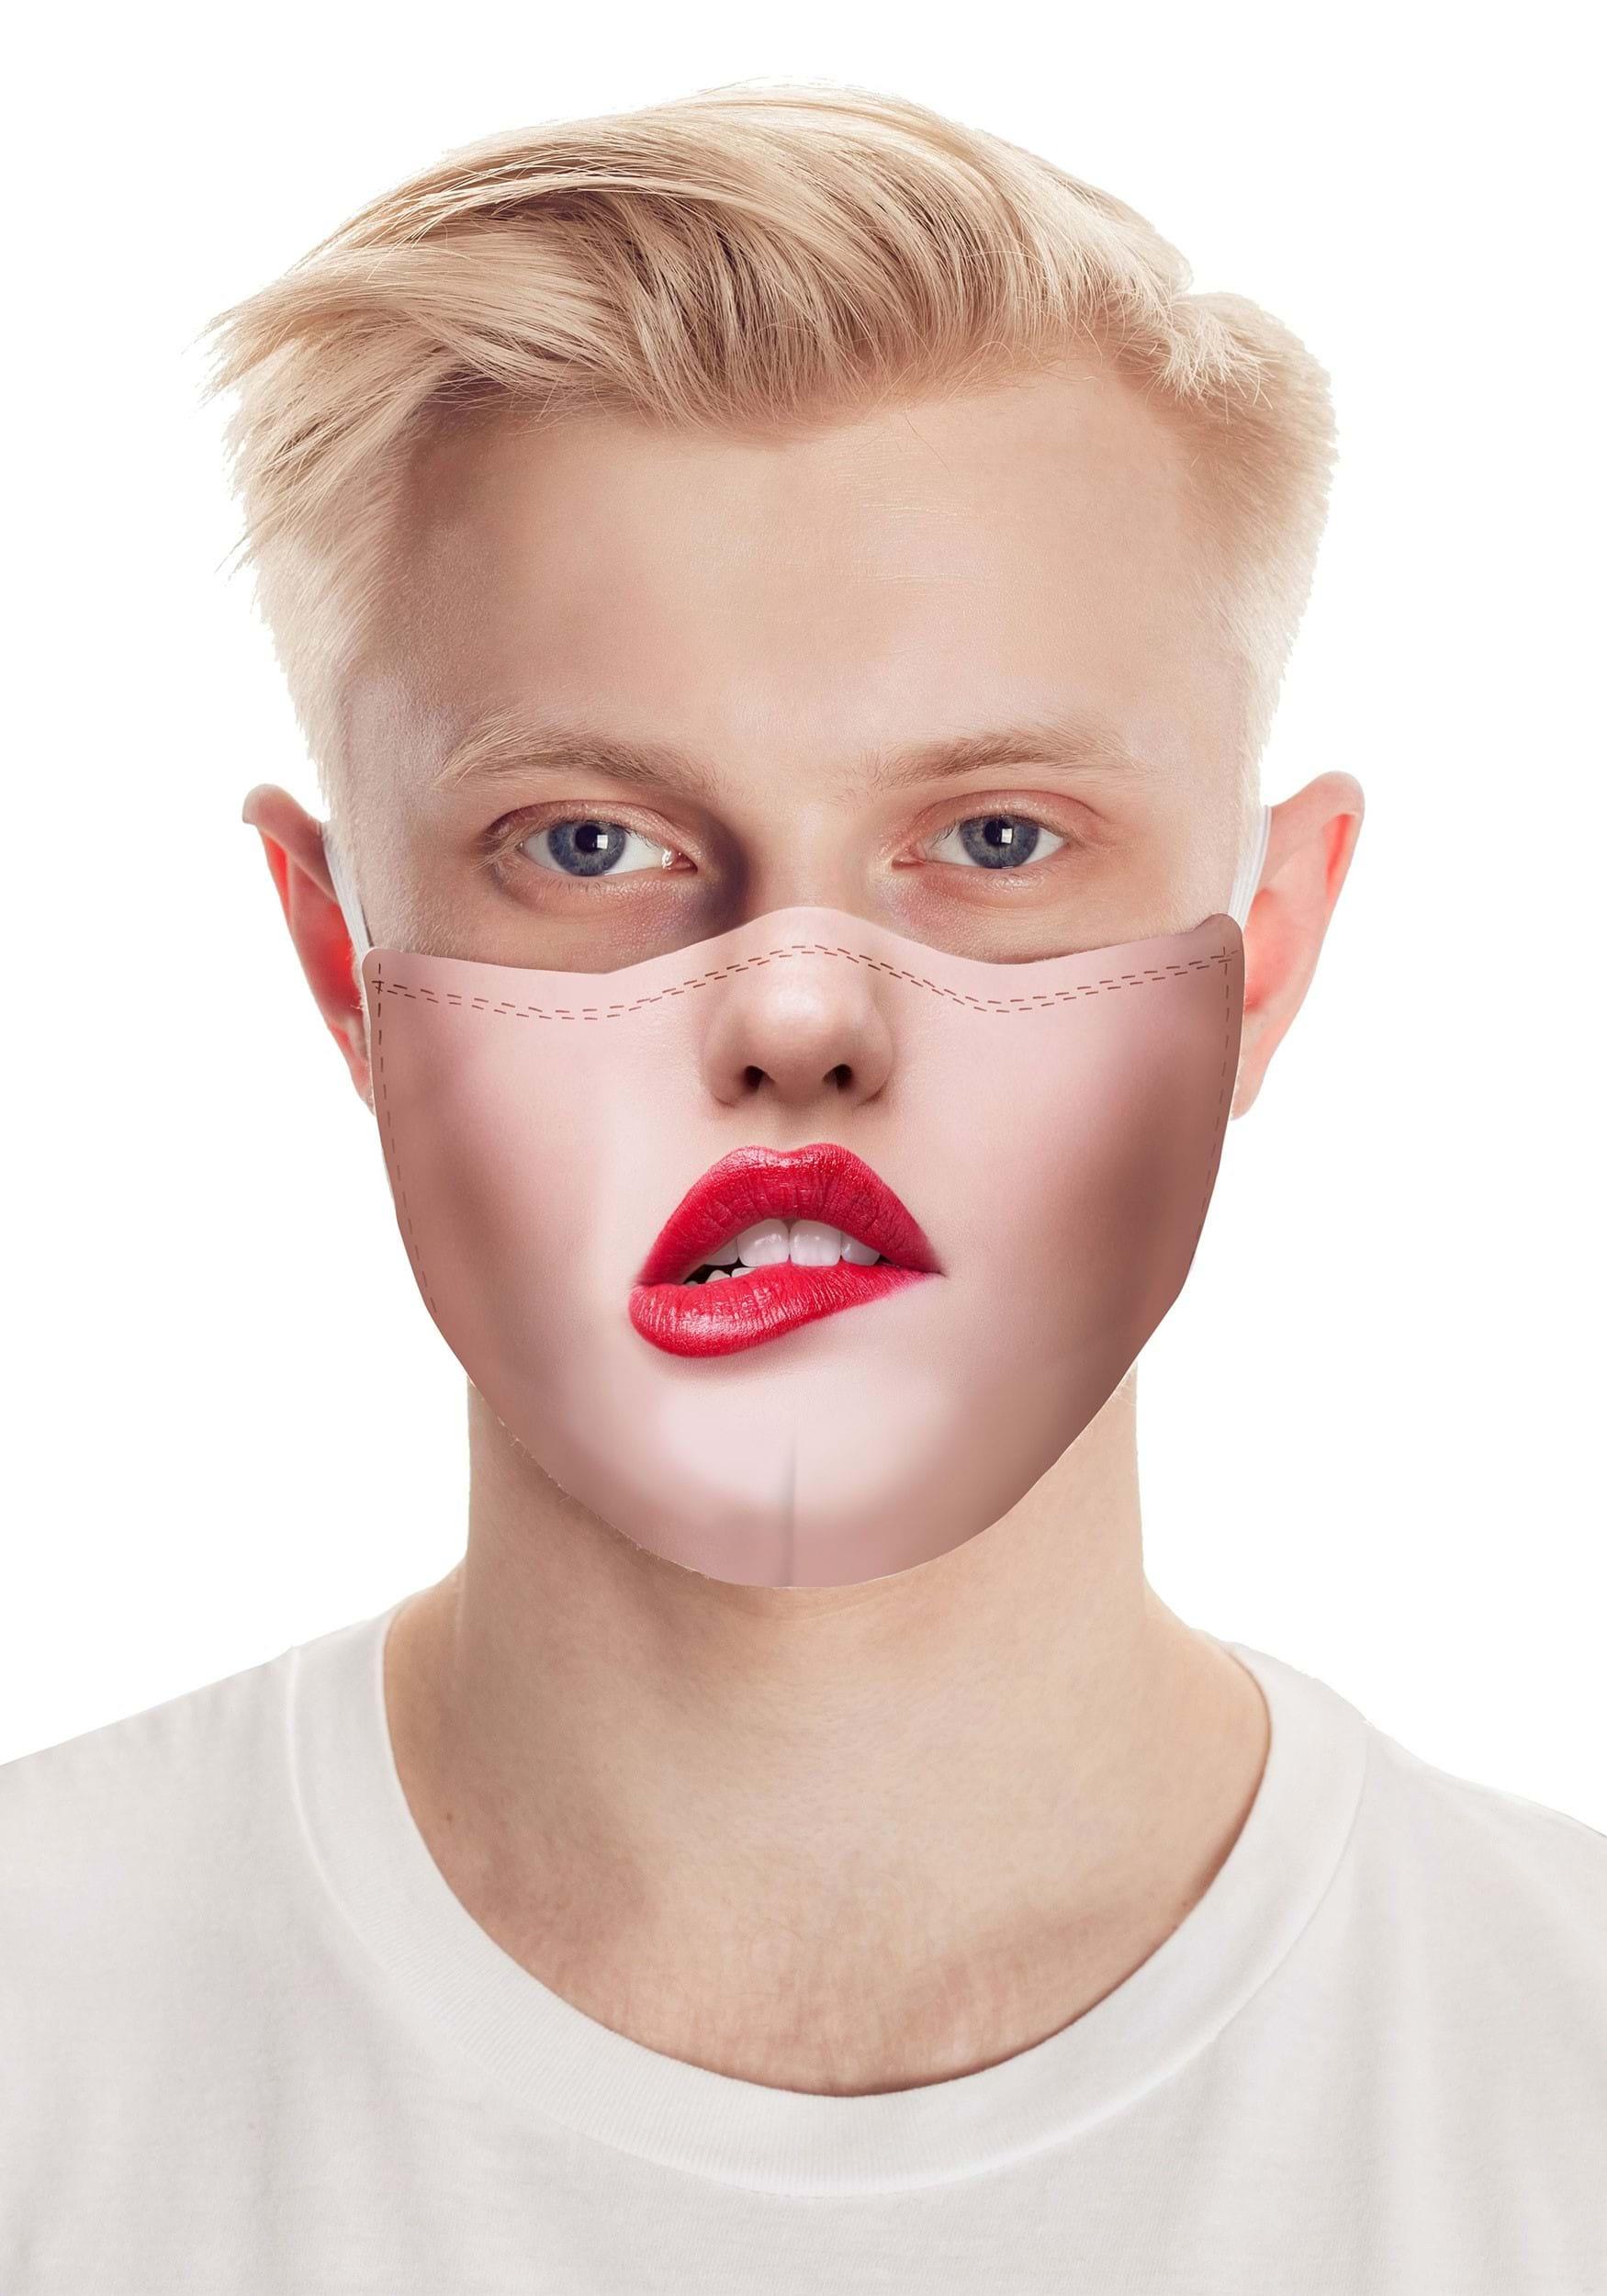 Pouty Lips Safety Face Mask